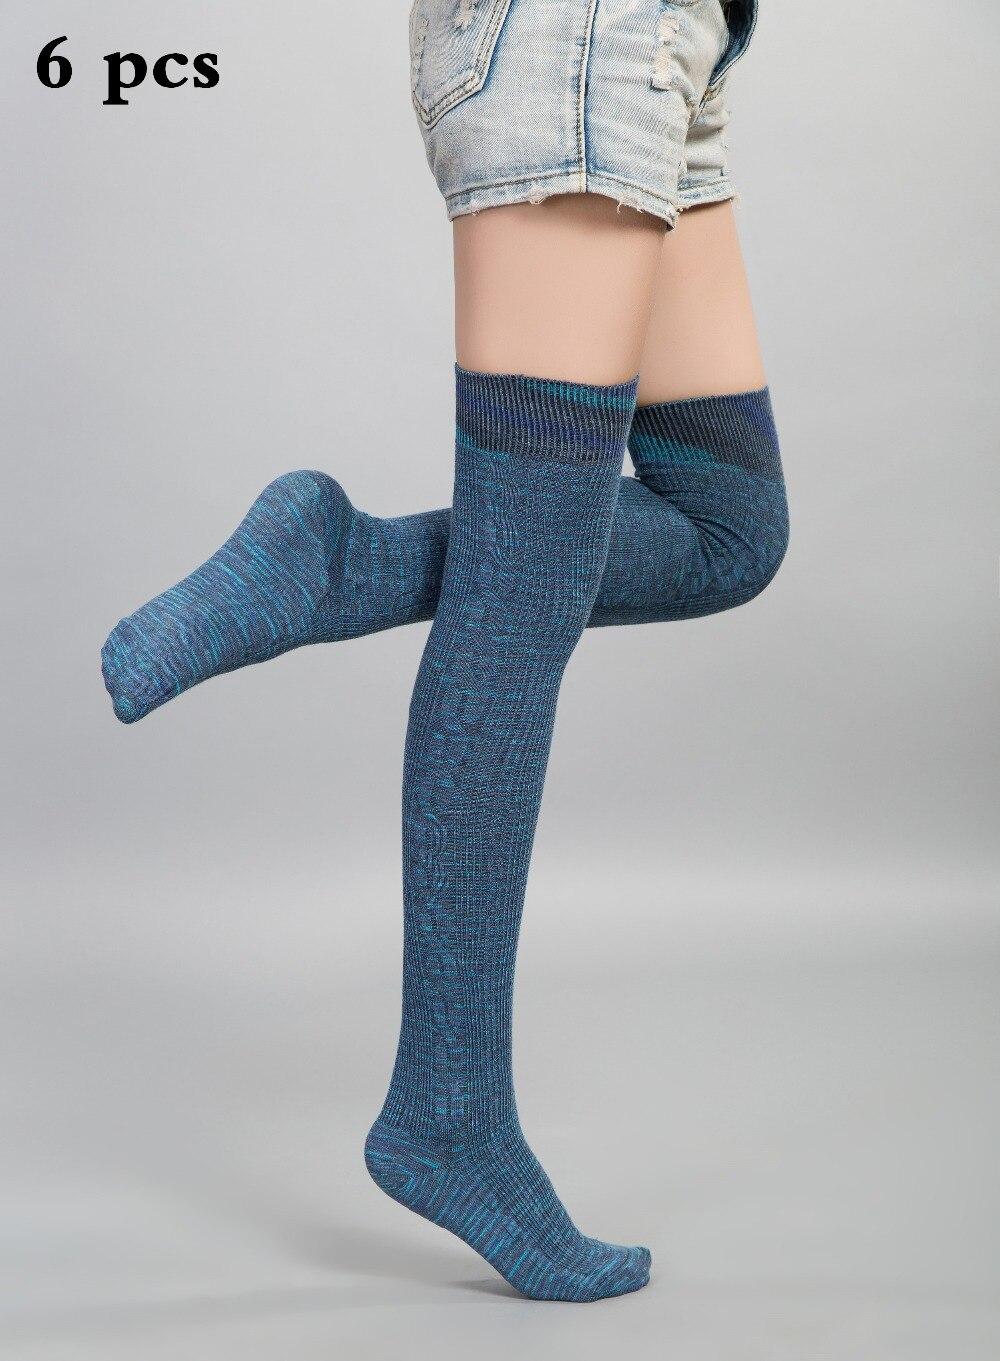 Секс фото женщины в белых шерстяных носках фото 472-365